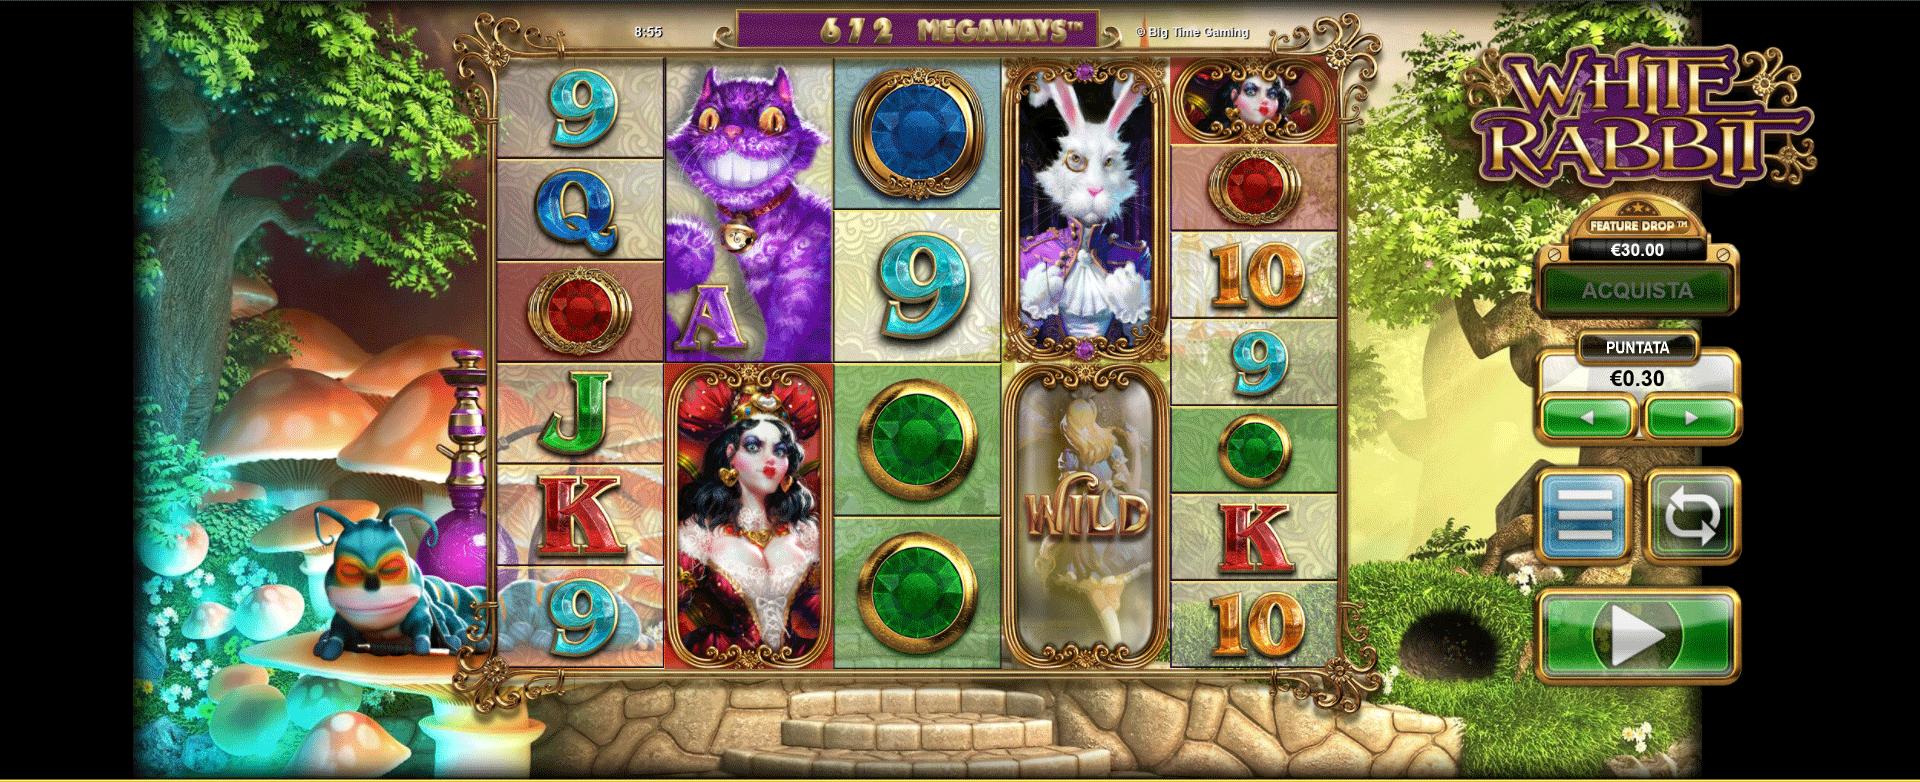 Slot White Rabbit